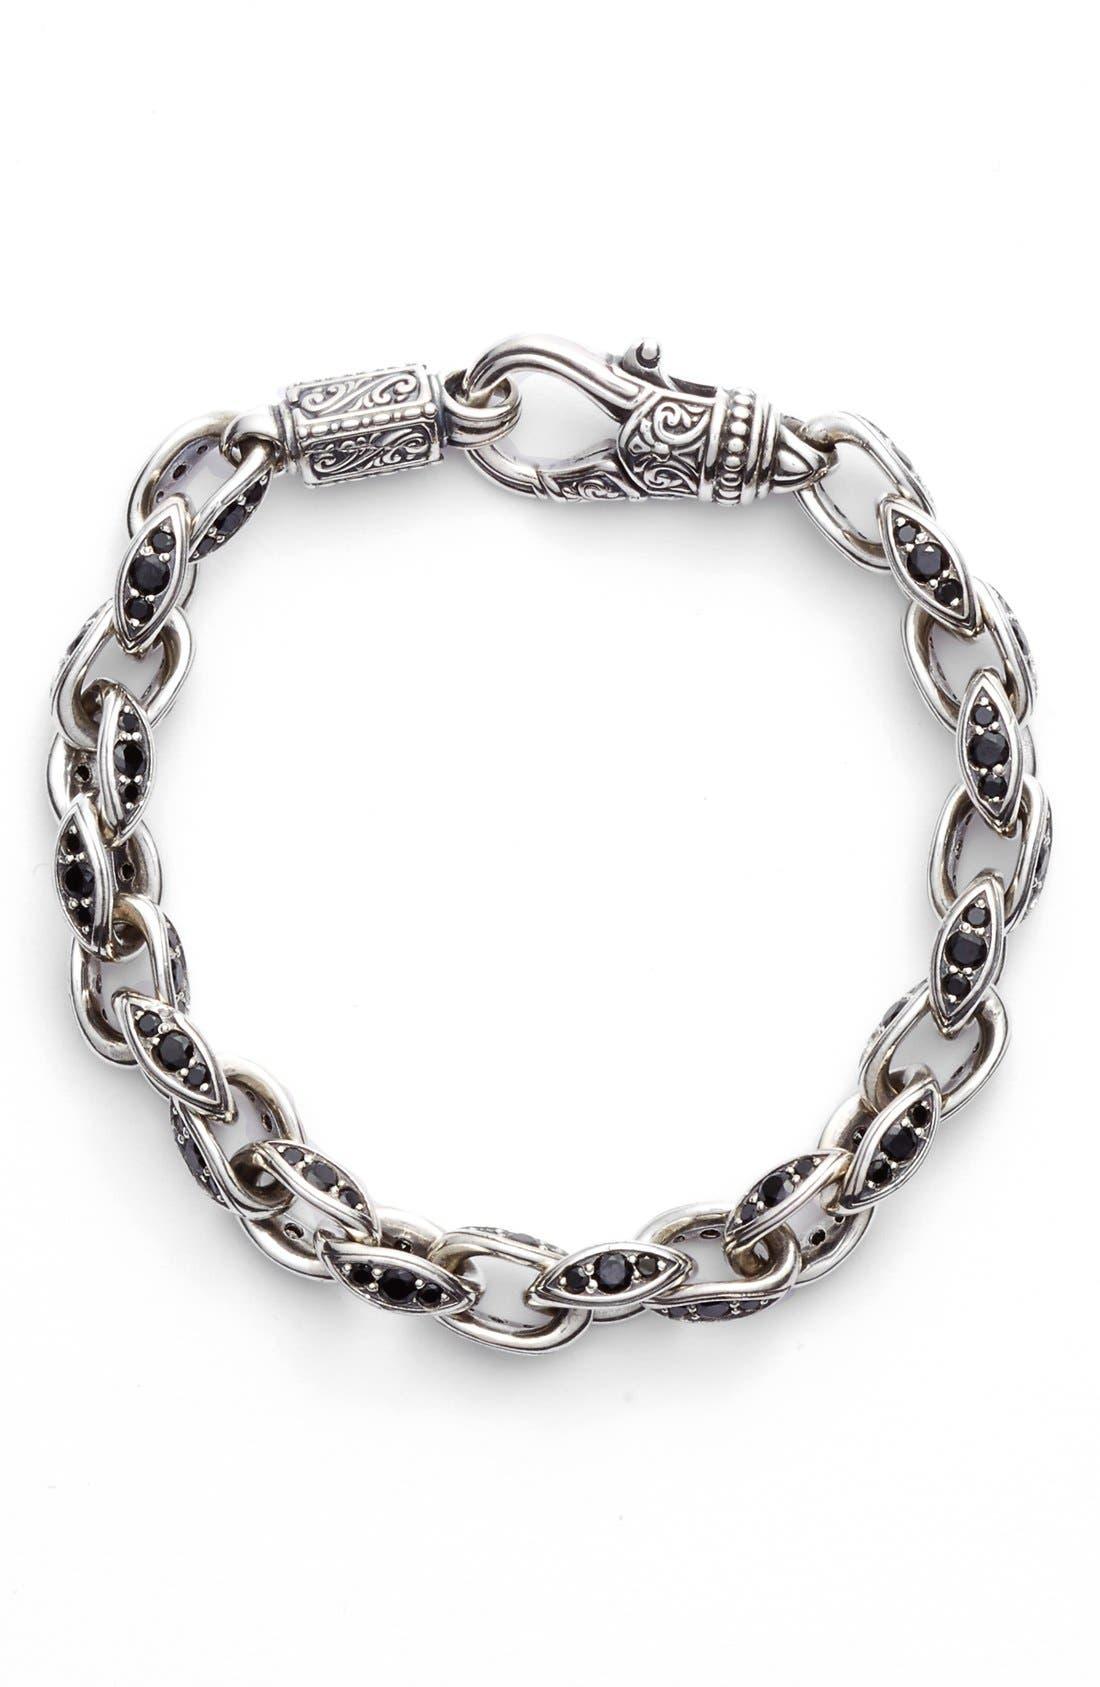 Main Image - Konstantino Semiprecious Stone Link Bracelet